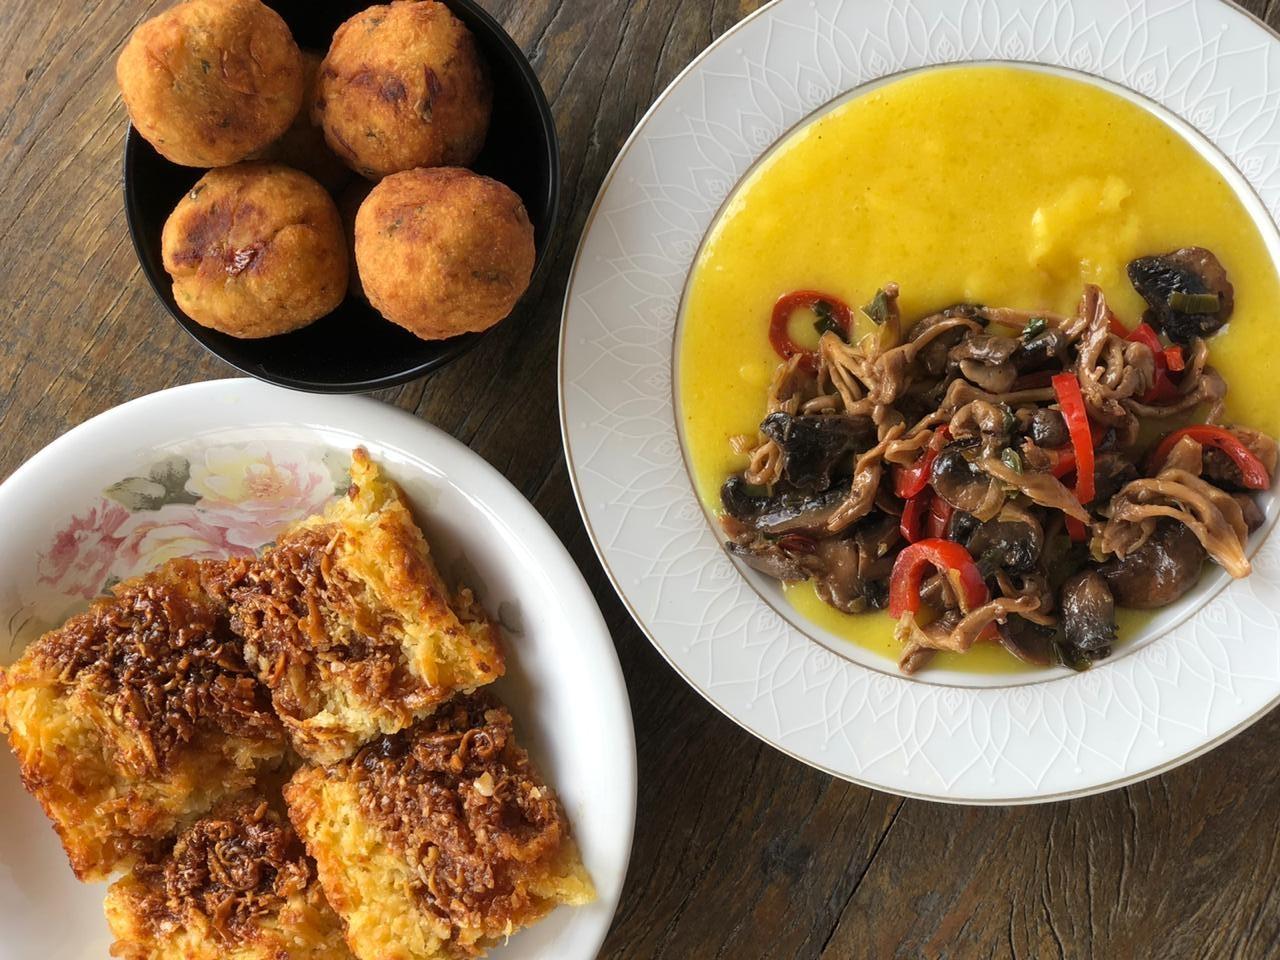 Aprenda três receitas surpreendentes com mandioca: bolinho, bobó vegano e cocada